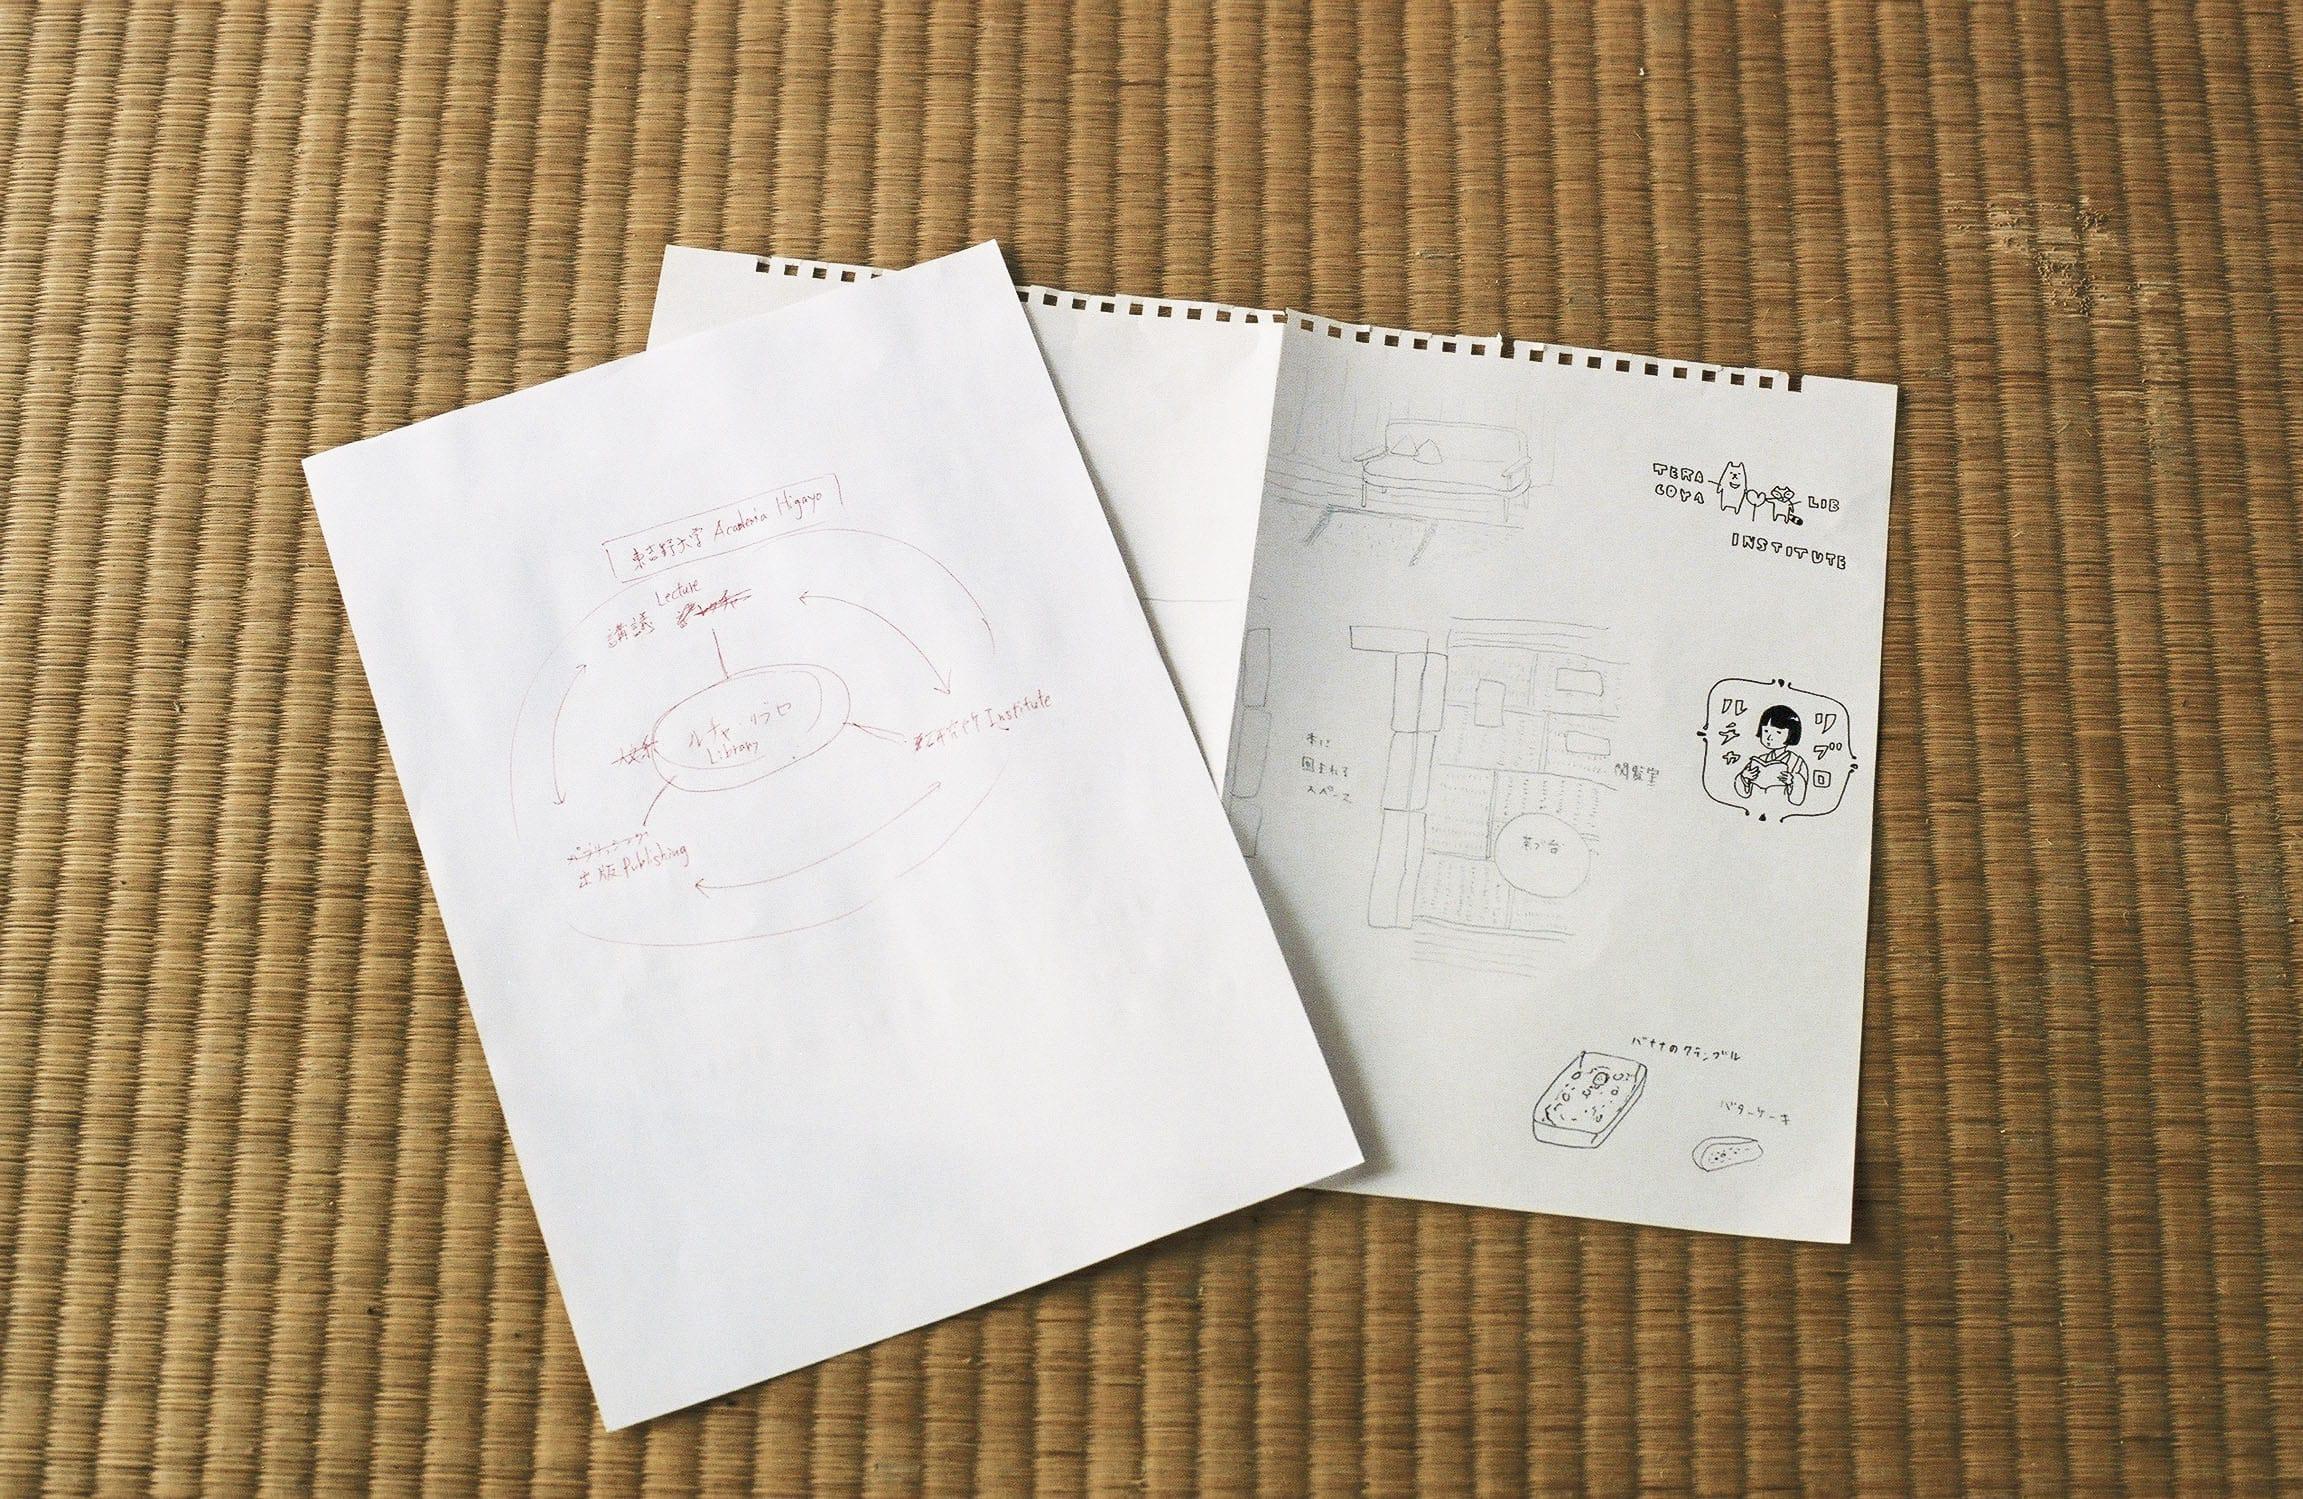 人文知の拠点としてのマイクロ・ライブラリー「ルチャ・リブロ」と、東吉野大学構想のメモ書きには、奥さんの書いたイラストも。